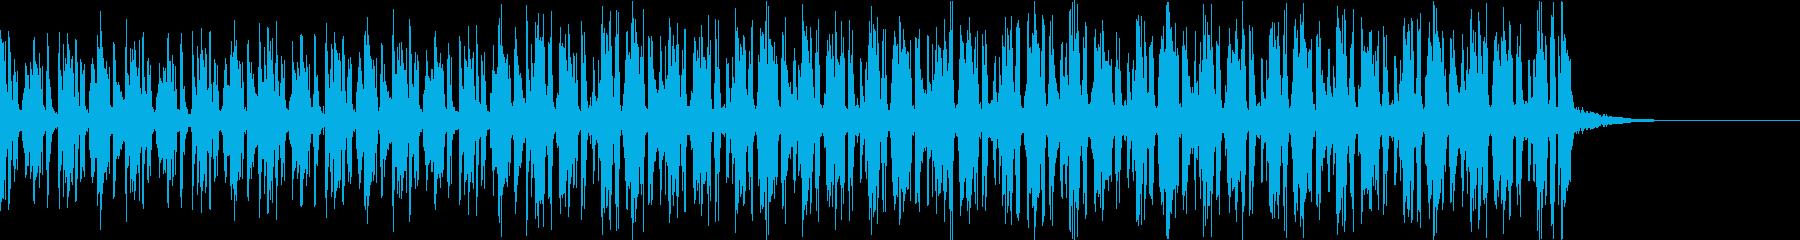 Pf「段階」和風現代ジャズの再生済みの波形